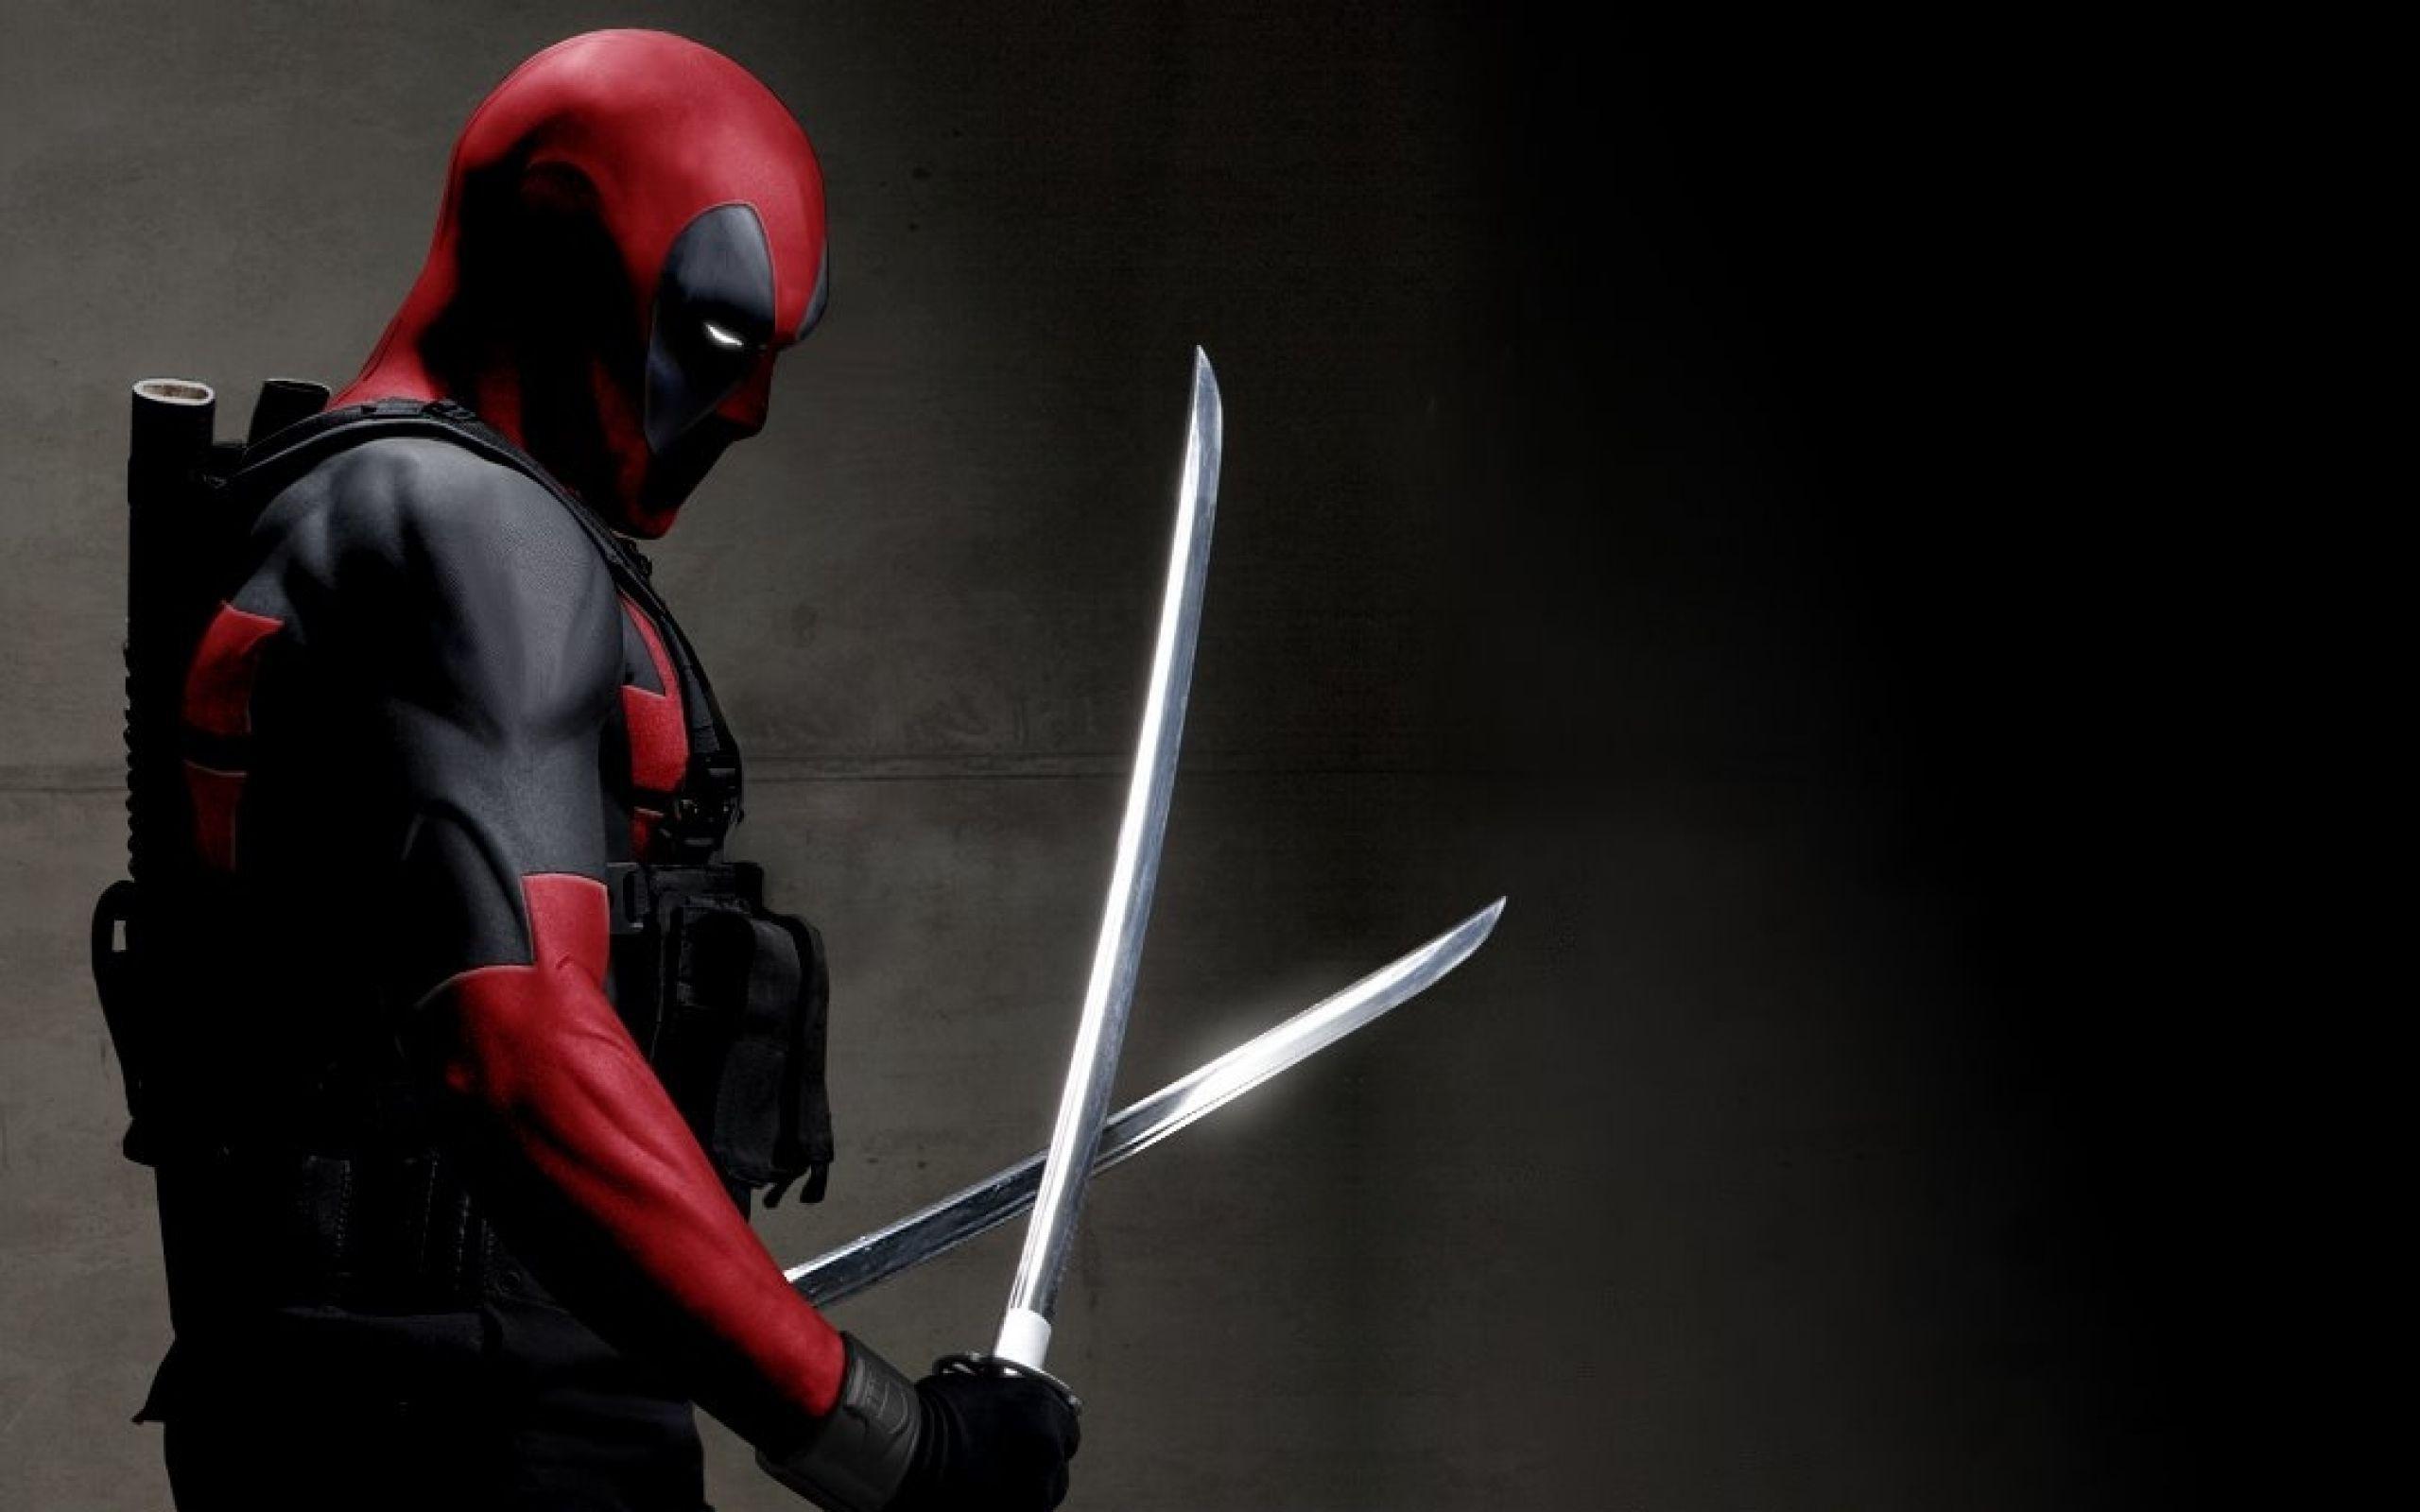 3d Deadpool Wallpapers Top Free 3d Deadpool Backgrounds Wallpaperaccess